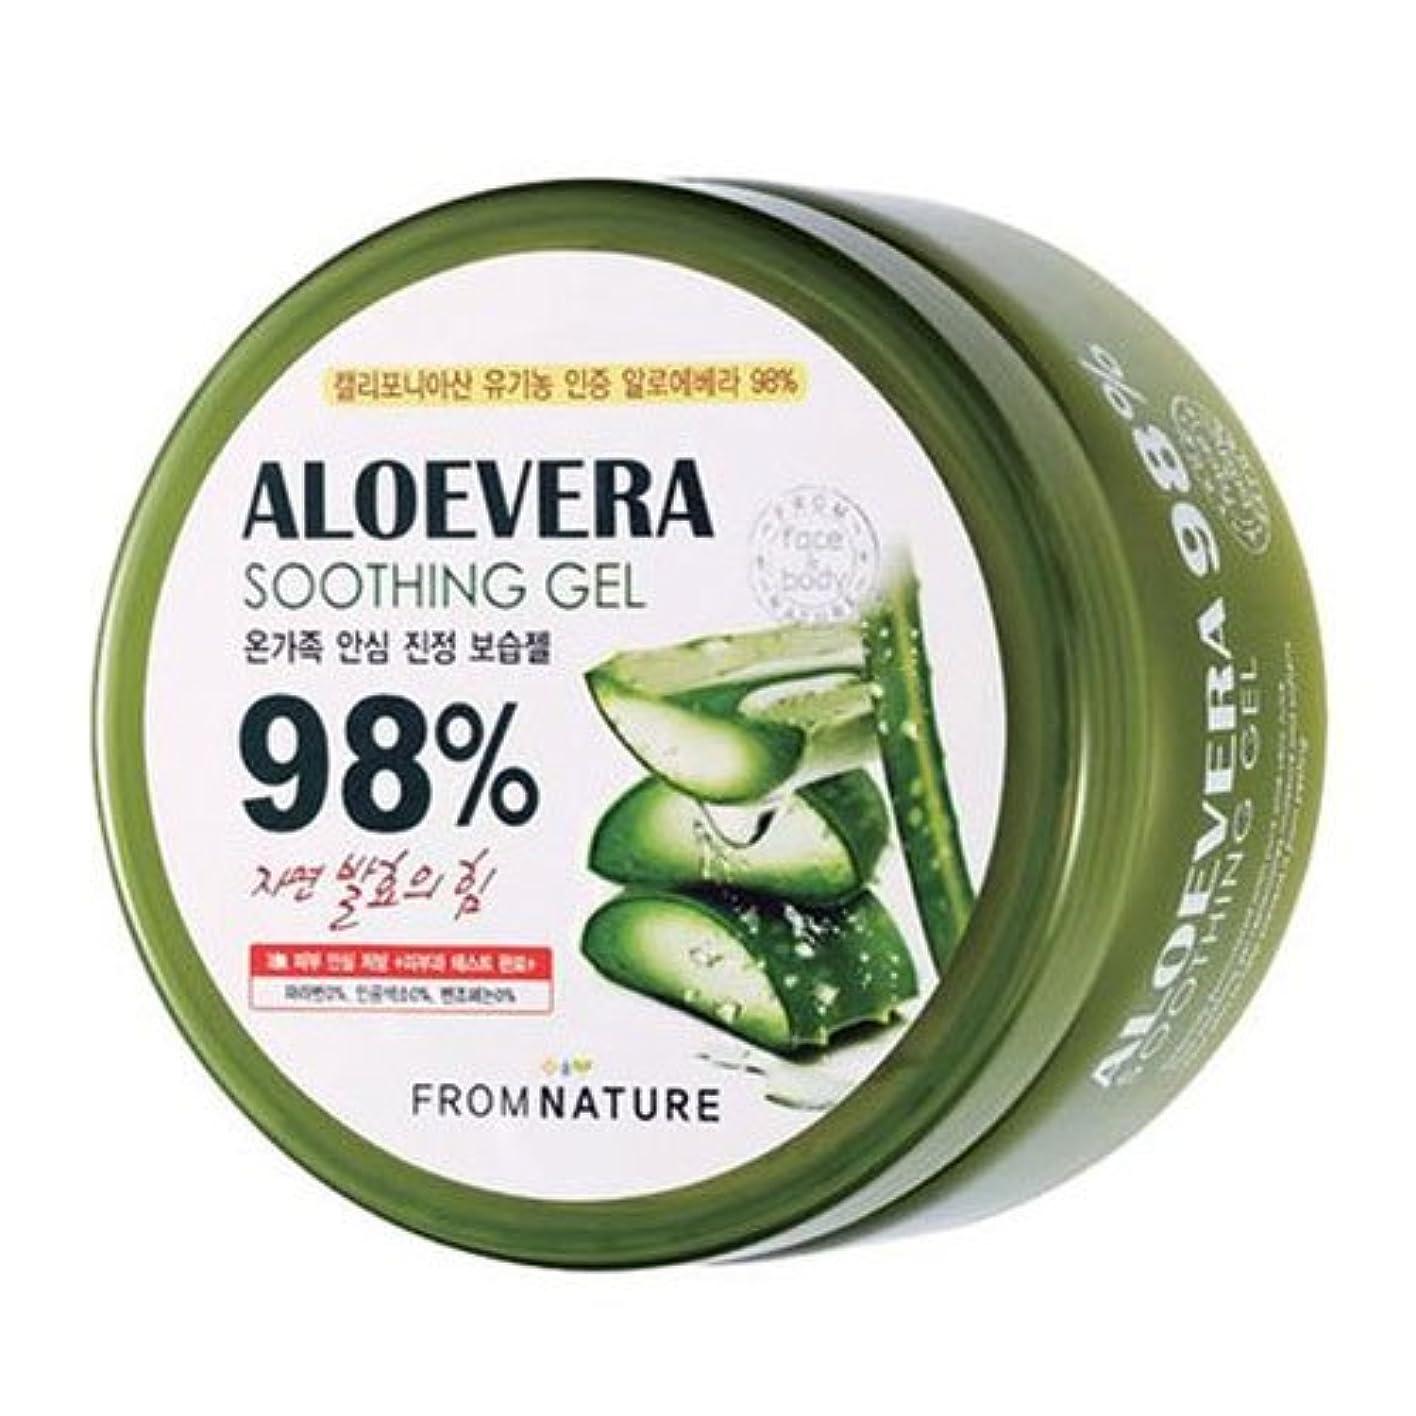 ほこりっぽい構造的単独で[FROMNATURE][フロムネイチャー] アロエベラ98%スーディングジェル (From Nature Aloevera Soothing Gel) (1)